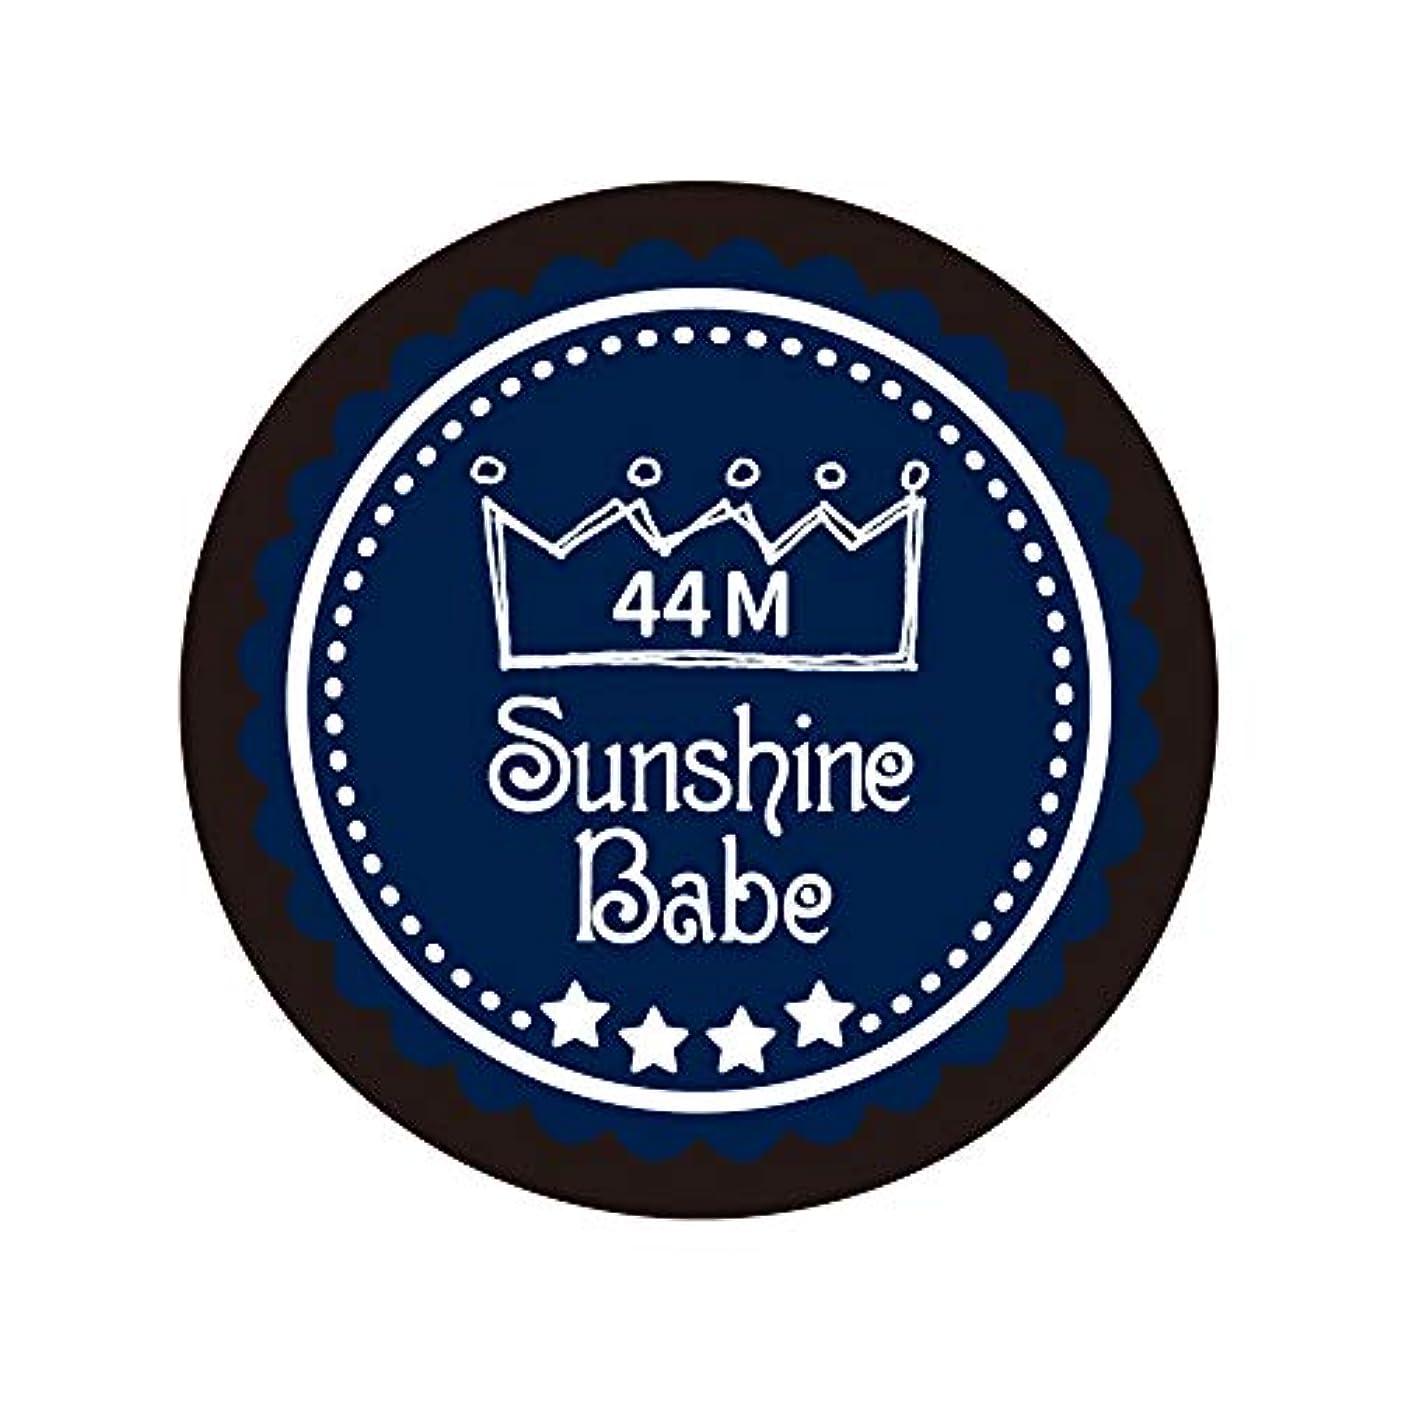 ぬるい剪断スチュワードSunshine Babe カラージェル 44M クラシックネイビー 4g UV/LED対応